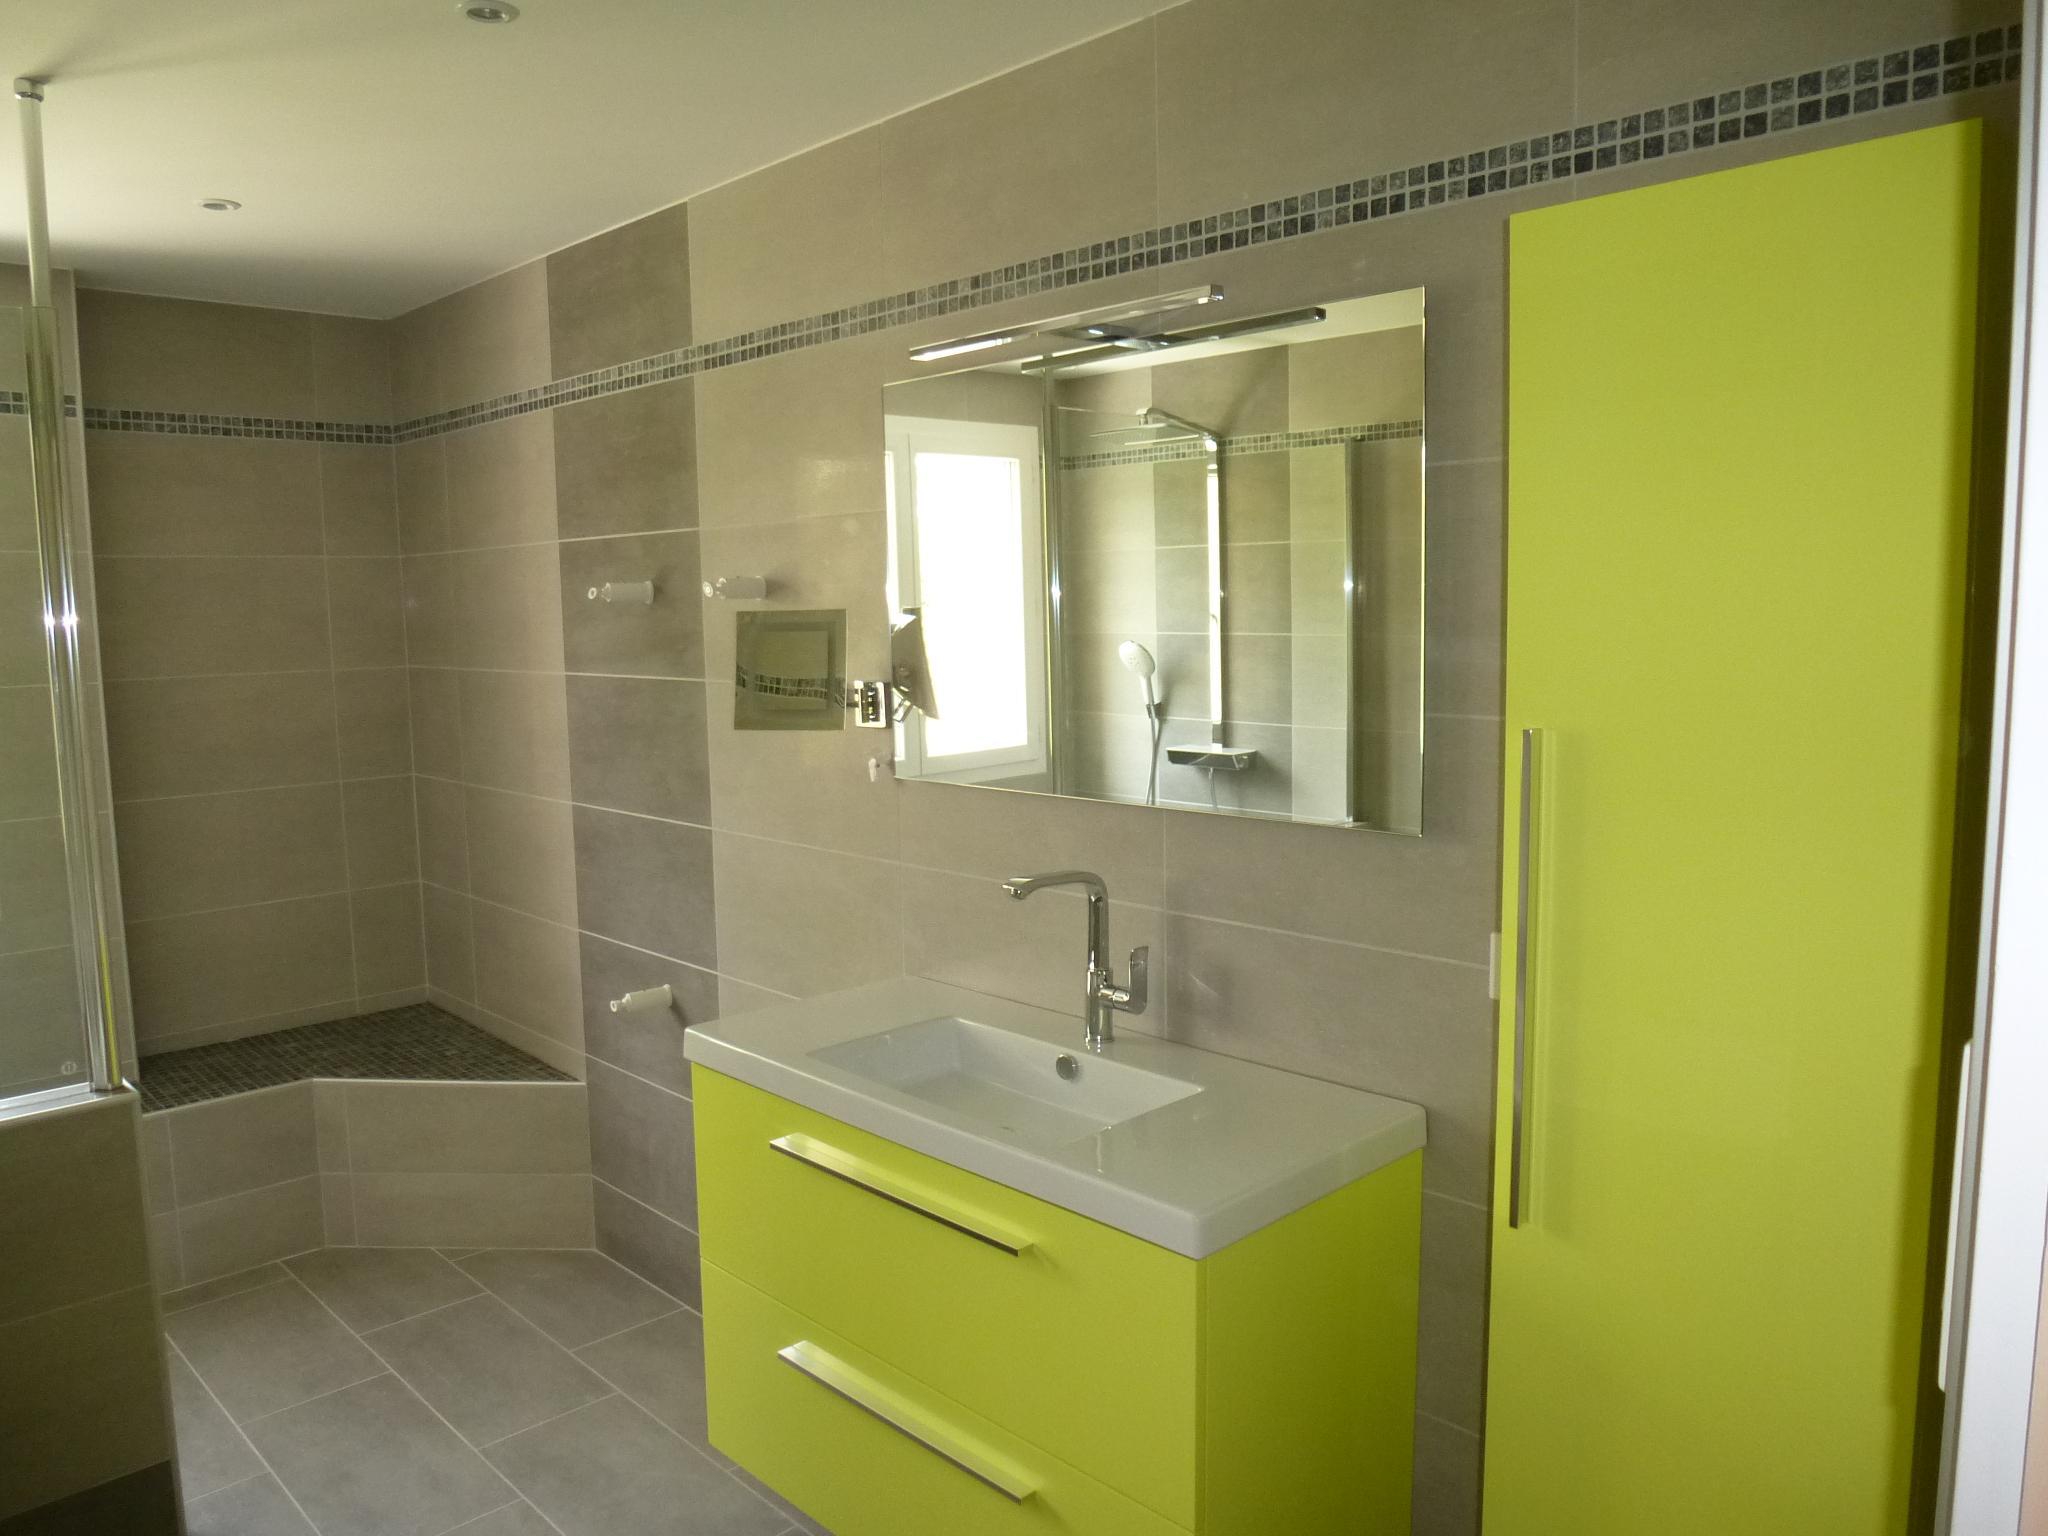 Peinture salle de bain tendance 2014 salle de bains - Peinture de salle de bain tendance ...